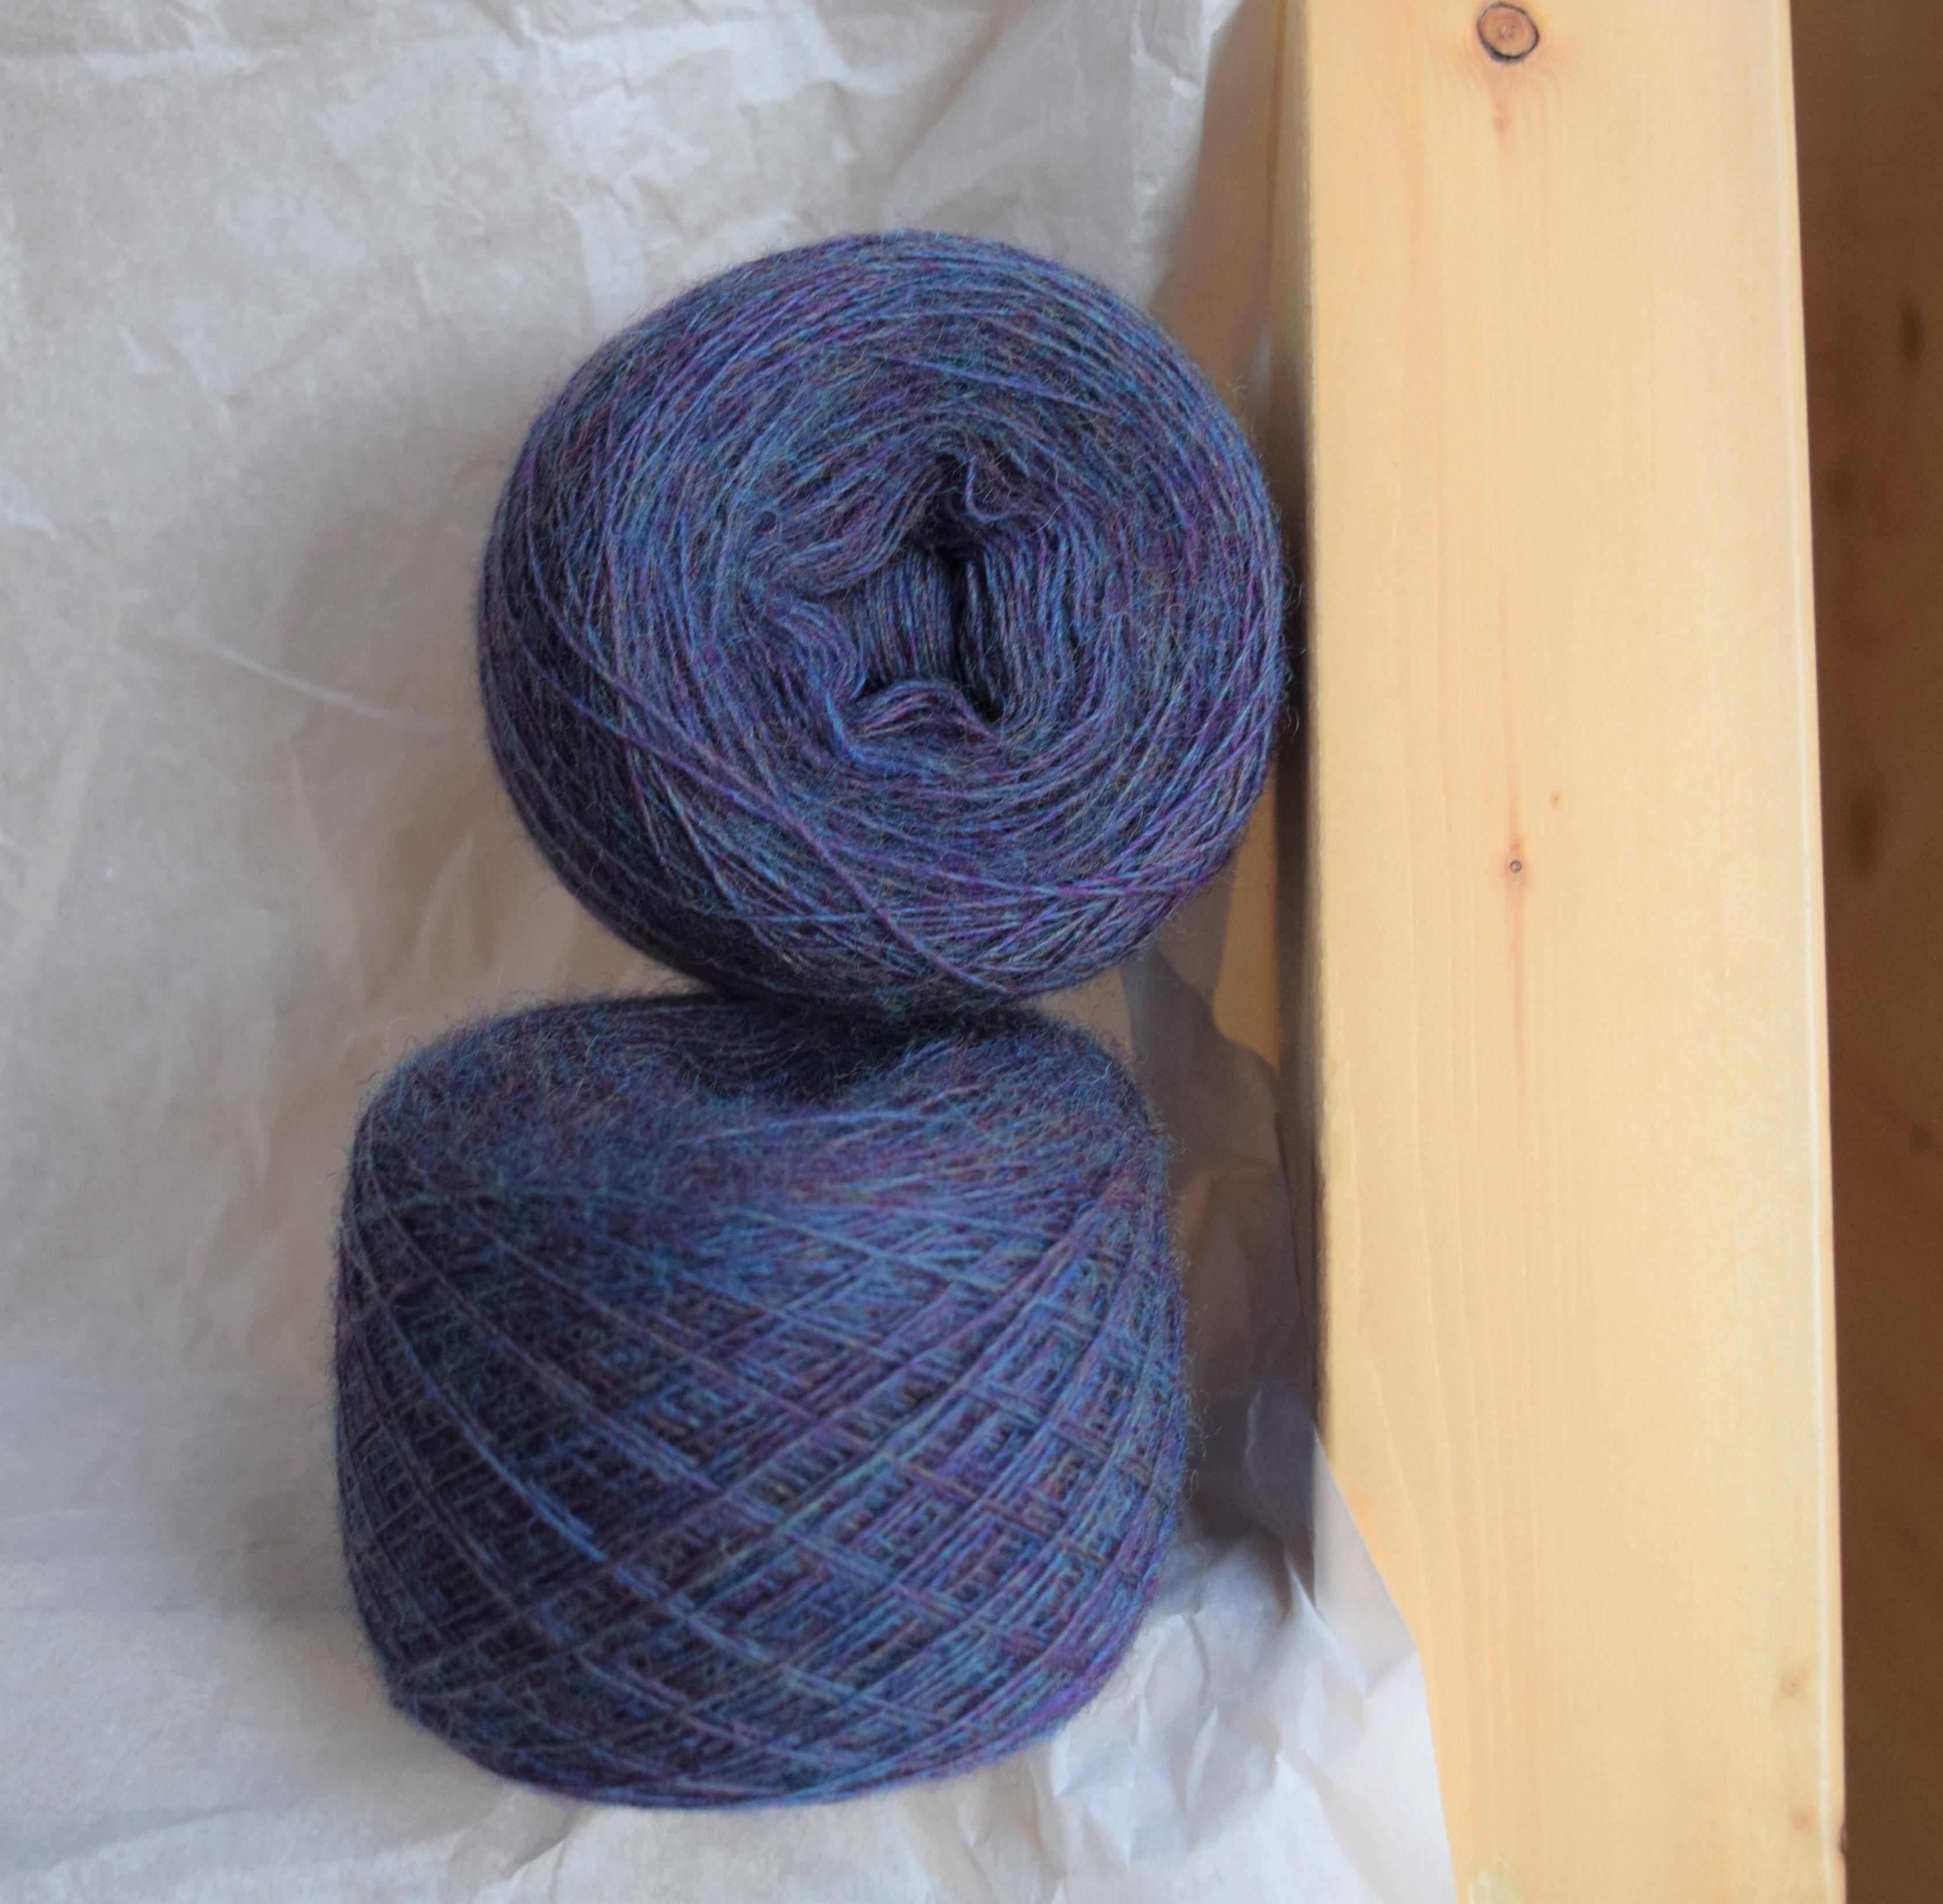 jenjoycedesign© Unspun in lavendar 4